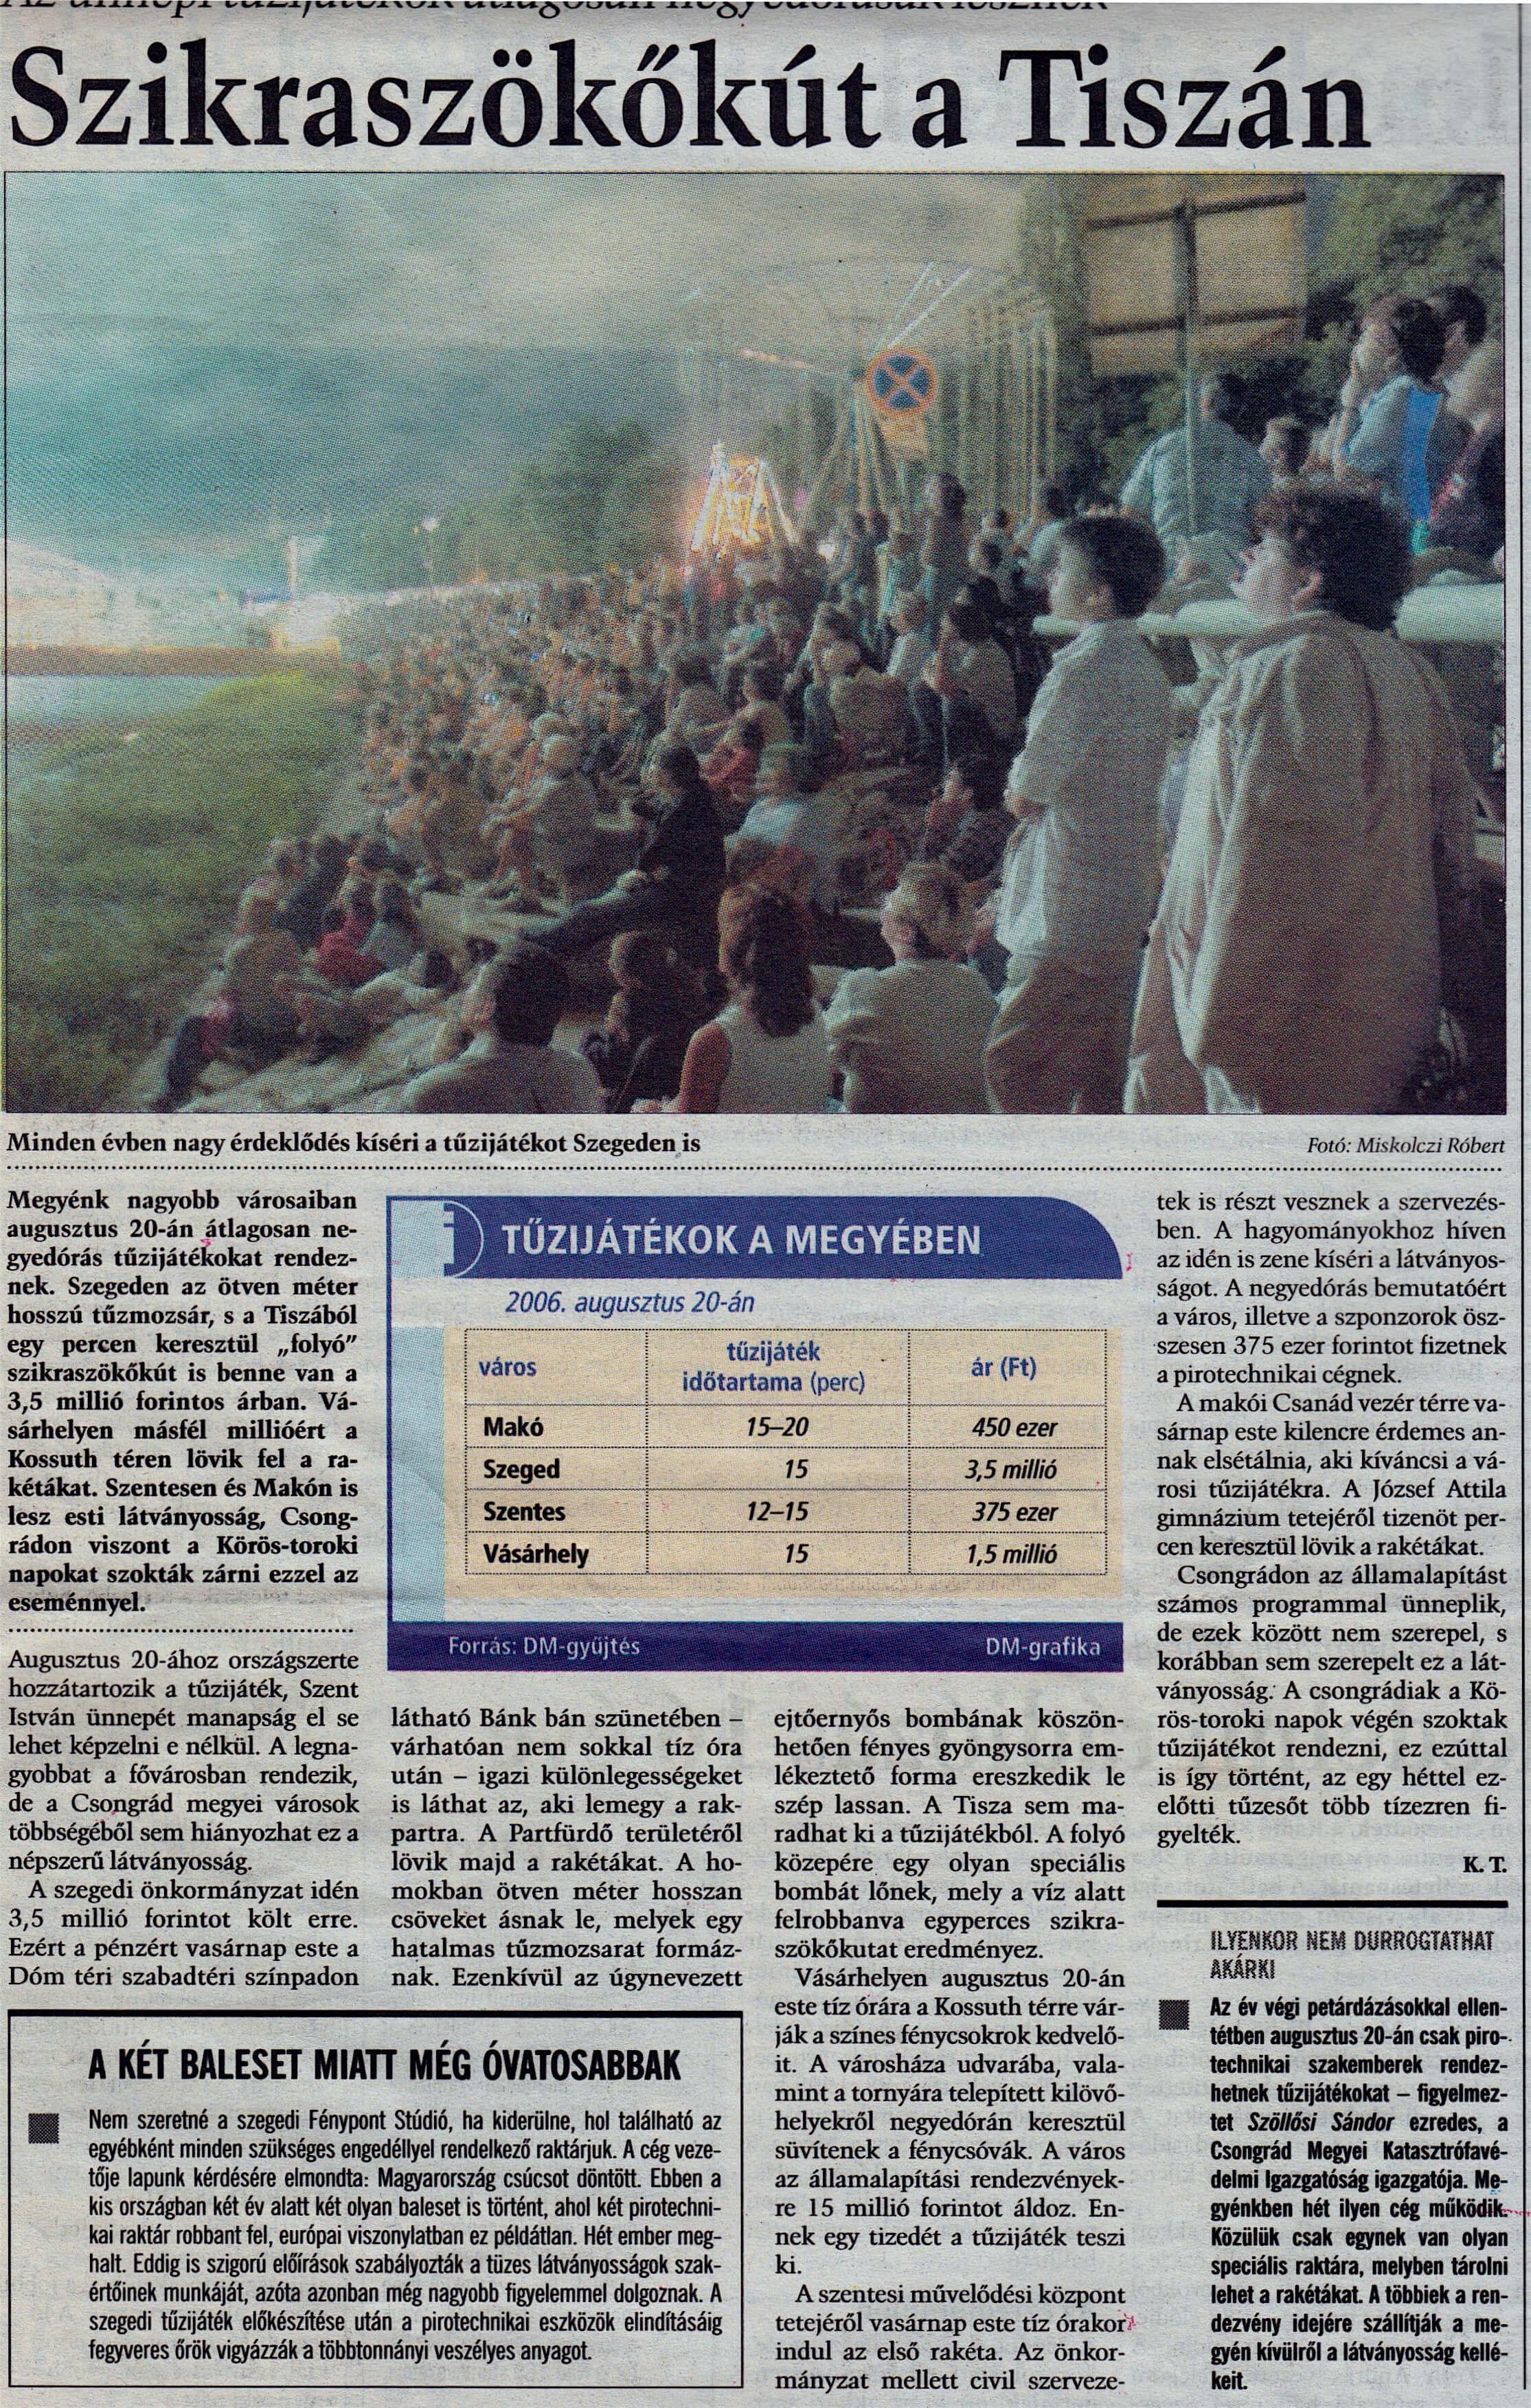 A képen a szegedi közönség csodálja a Magyarországon egyedülállónak számító különlegességek sokaságát. (szikraszökőkutak a vízen / 50 méter hosszú tűzmozsár fal / 5 db 300 mm-es és 50 db 200 mm-es óriásbomba)